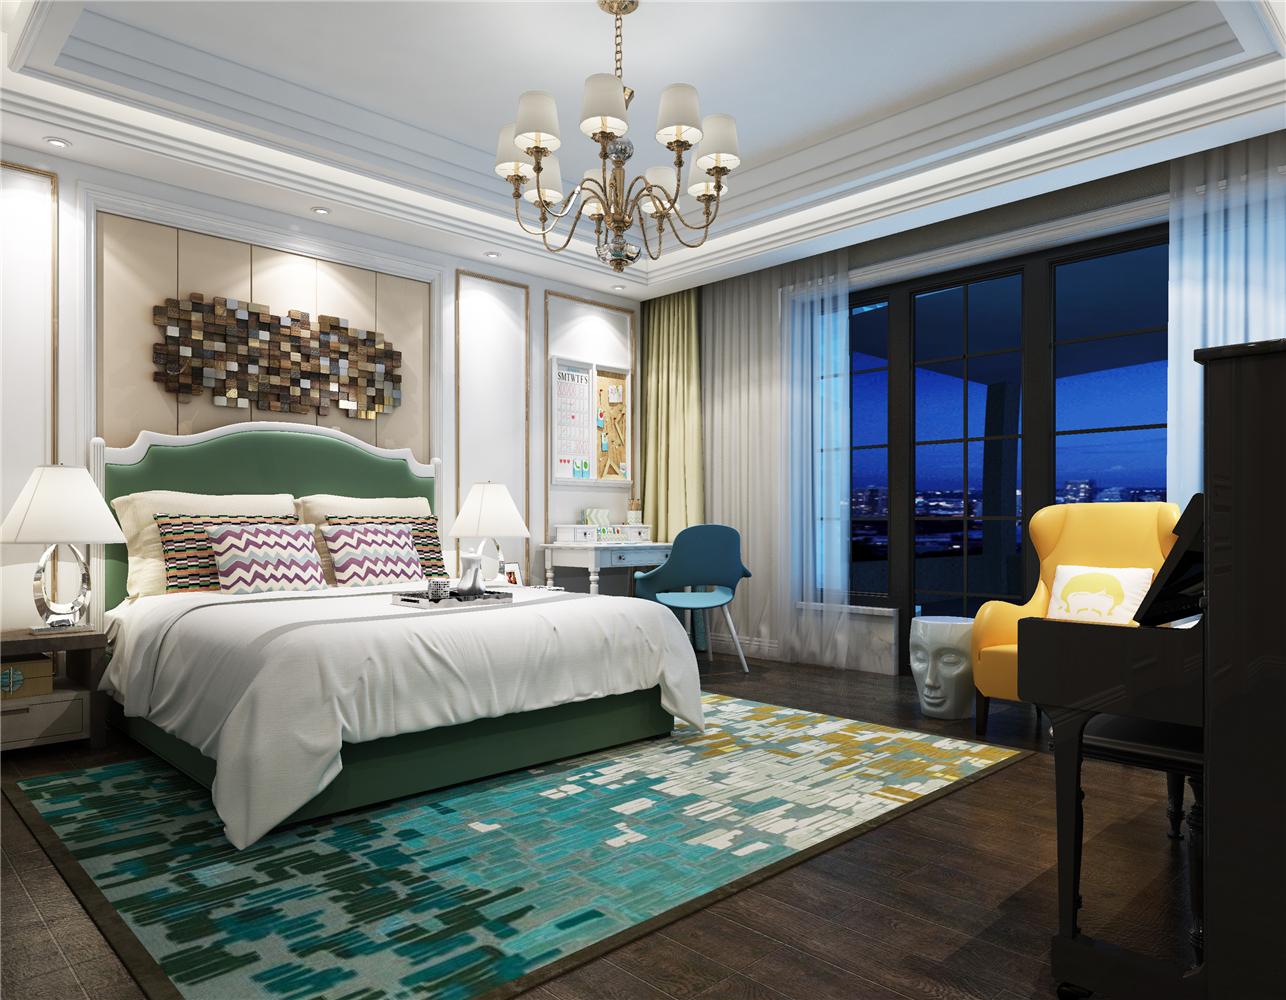 純凈吊燈溫馨墻面歐式臥室裝修風格